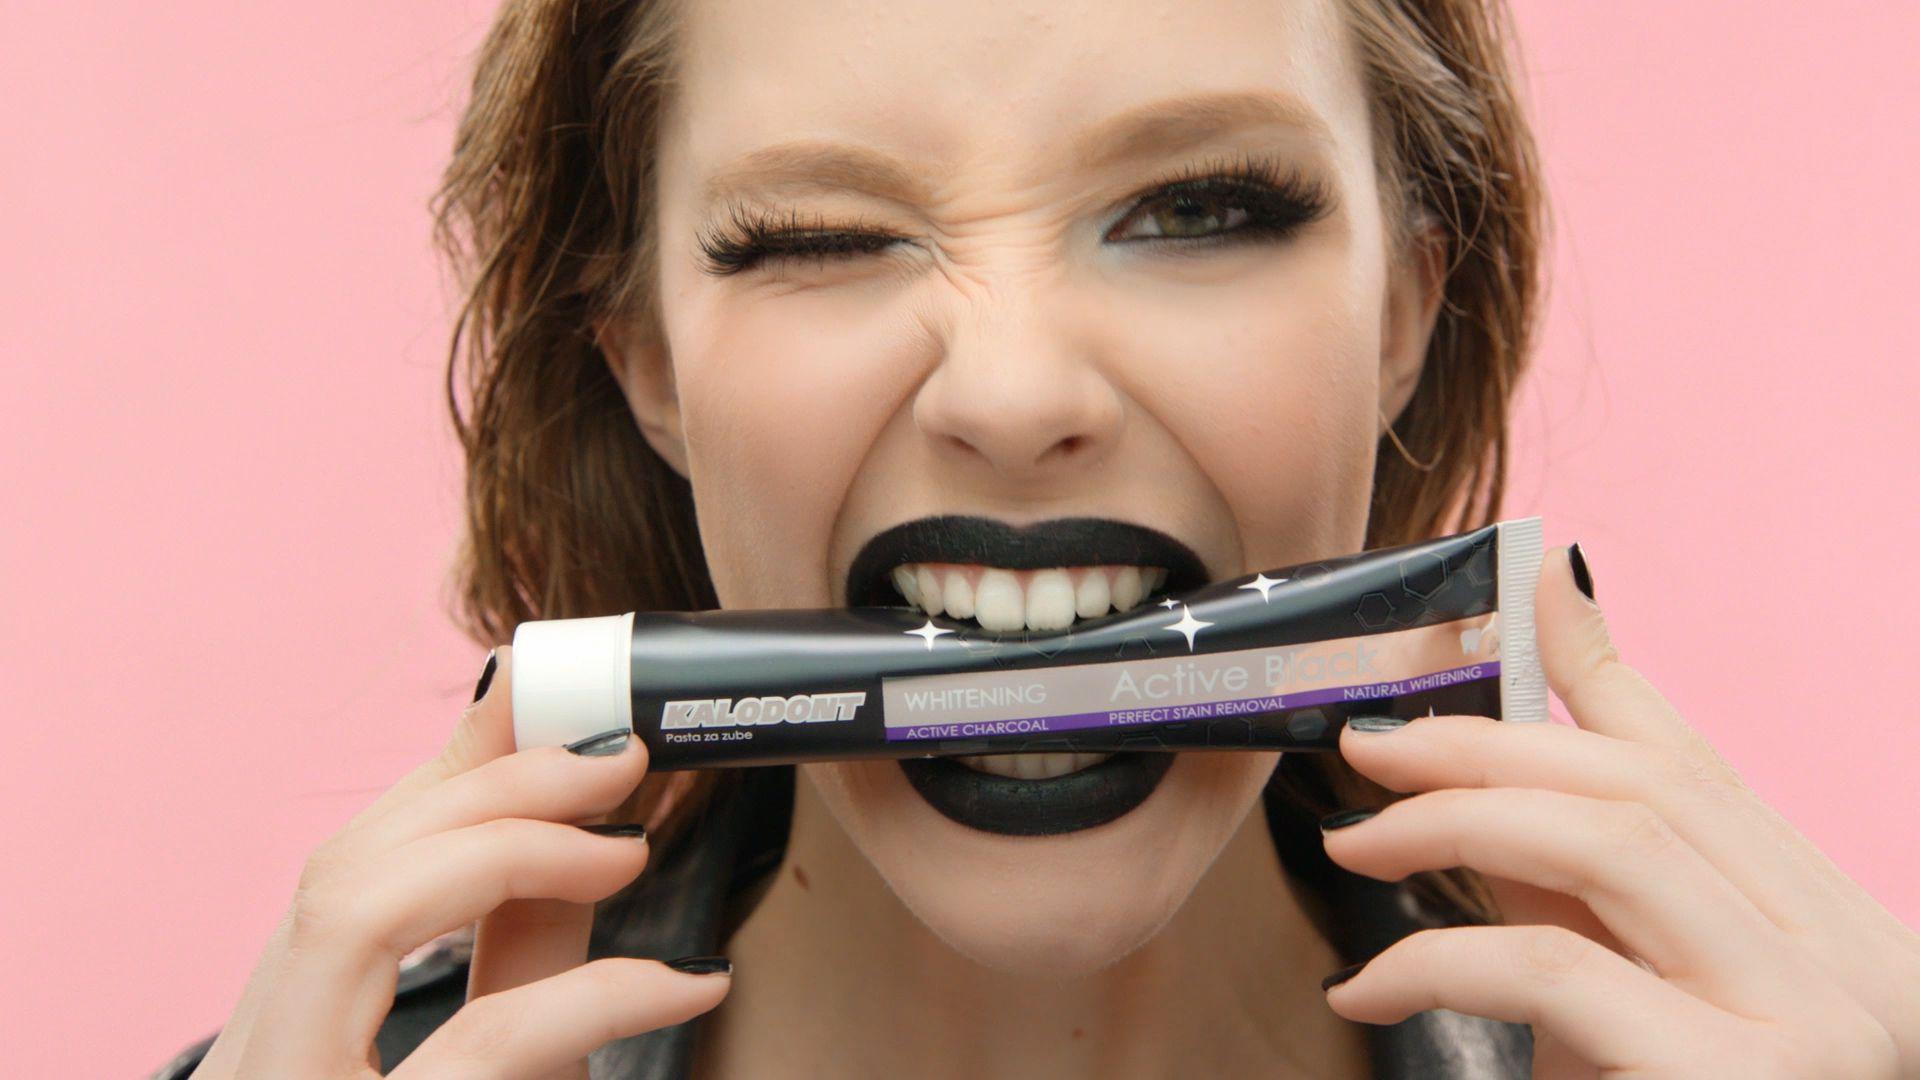 Prirodnim sastojcima poput metvice i aktivnog ugljena do zdravih i bijelih zubi